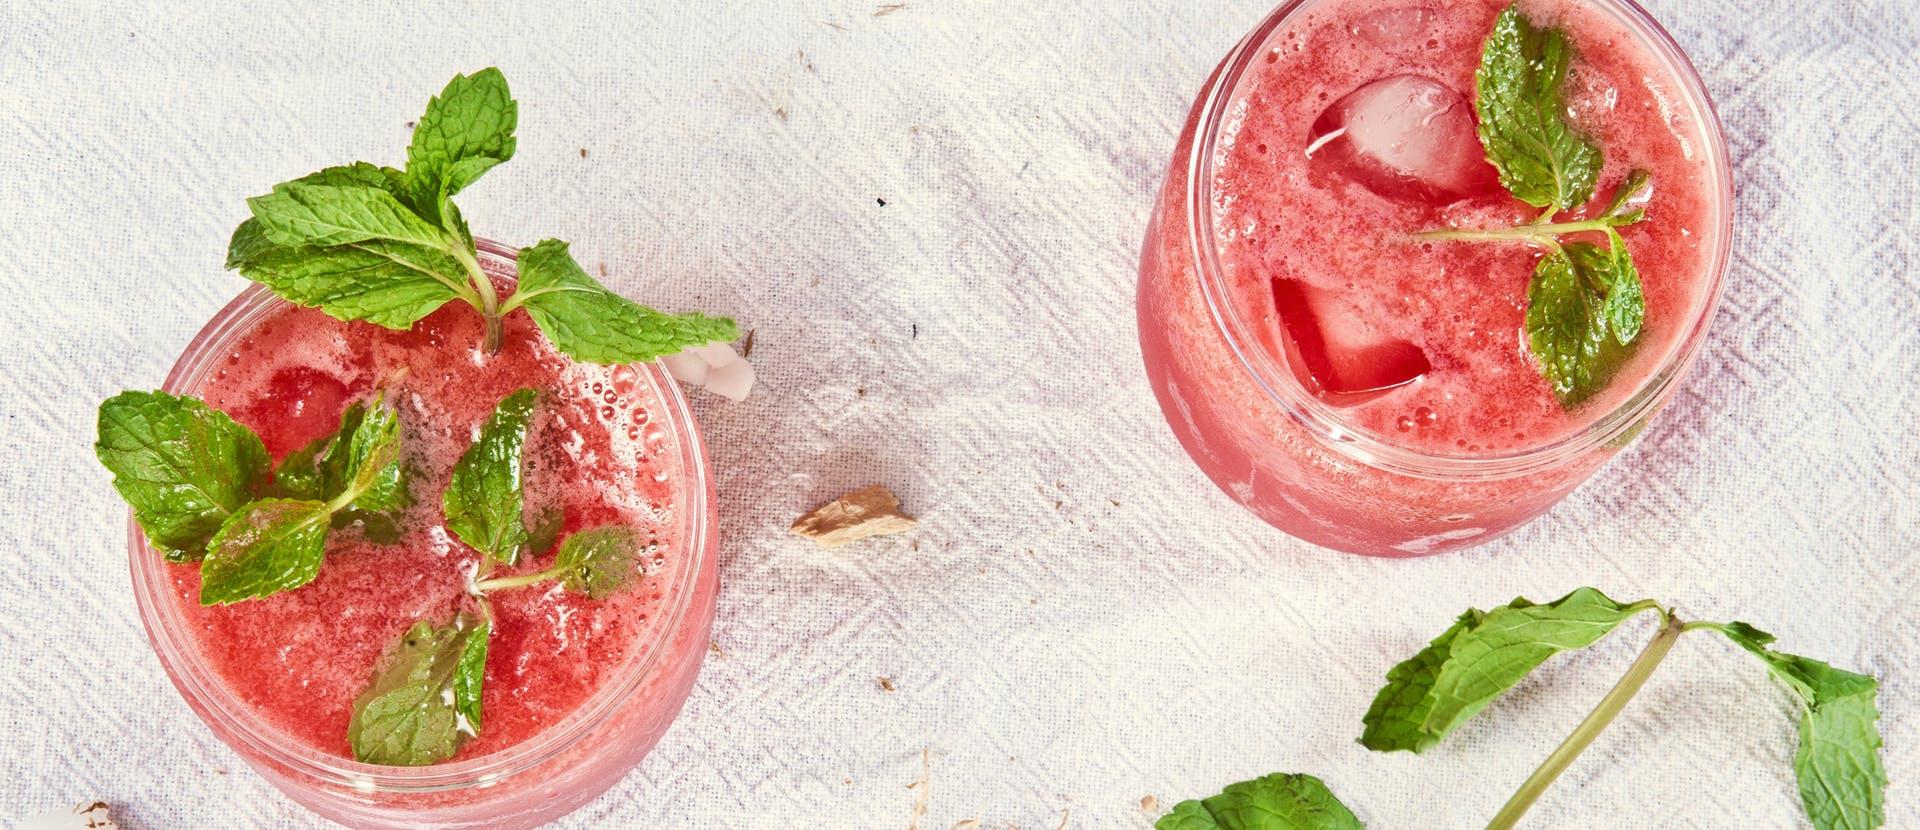 Le ricette facili dei cocktail e drink estivi - L'Officiel Italia